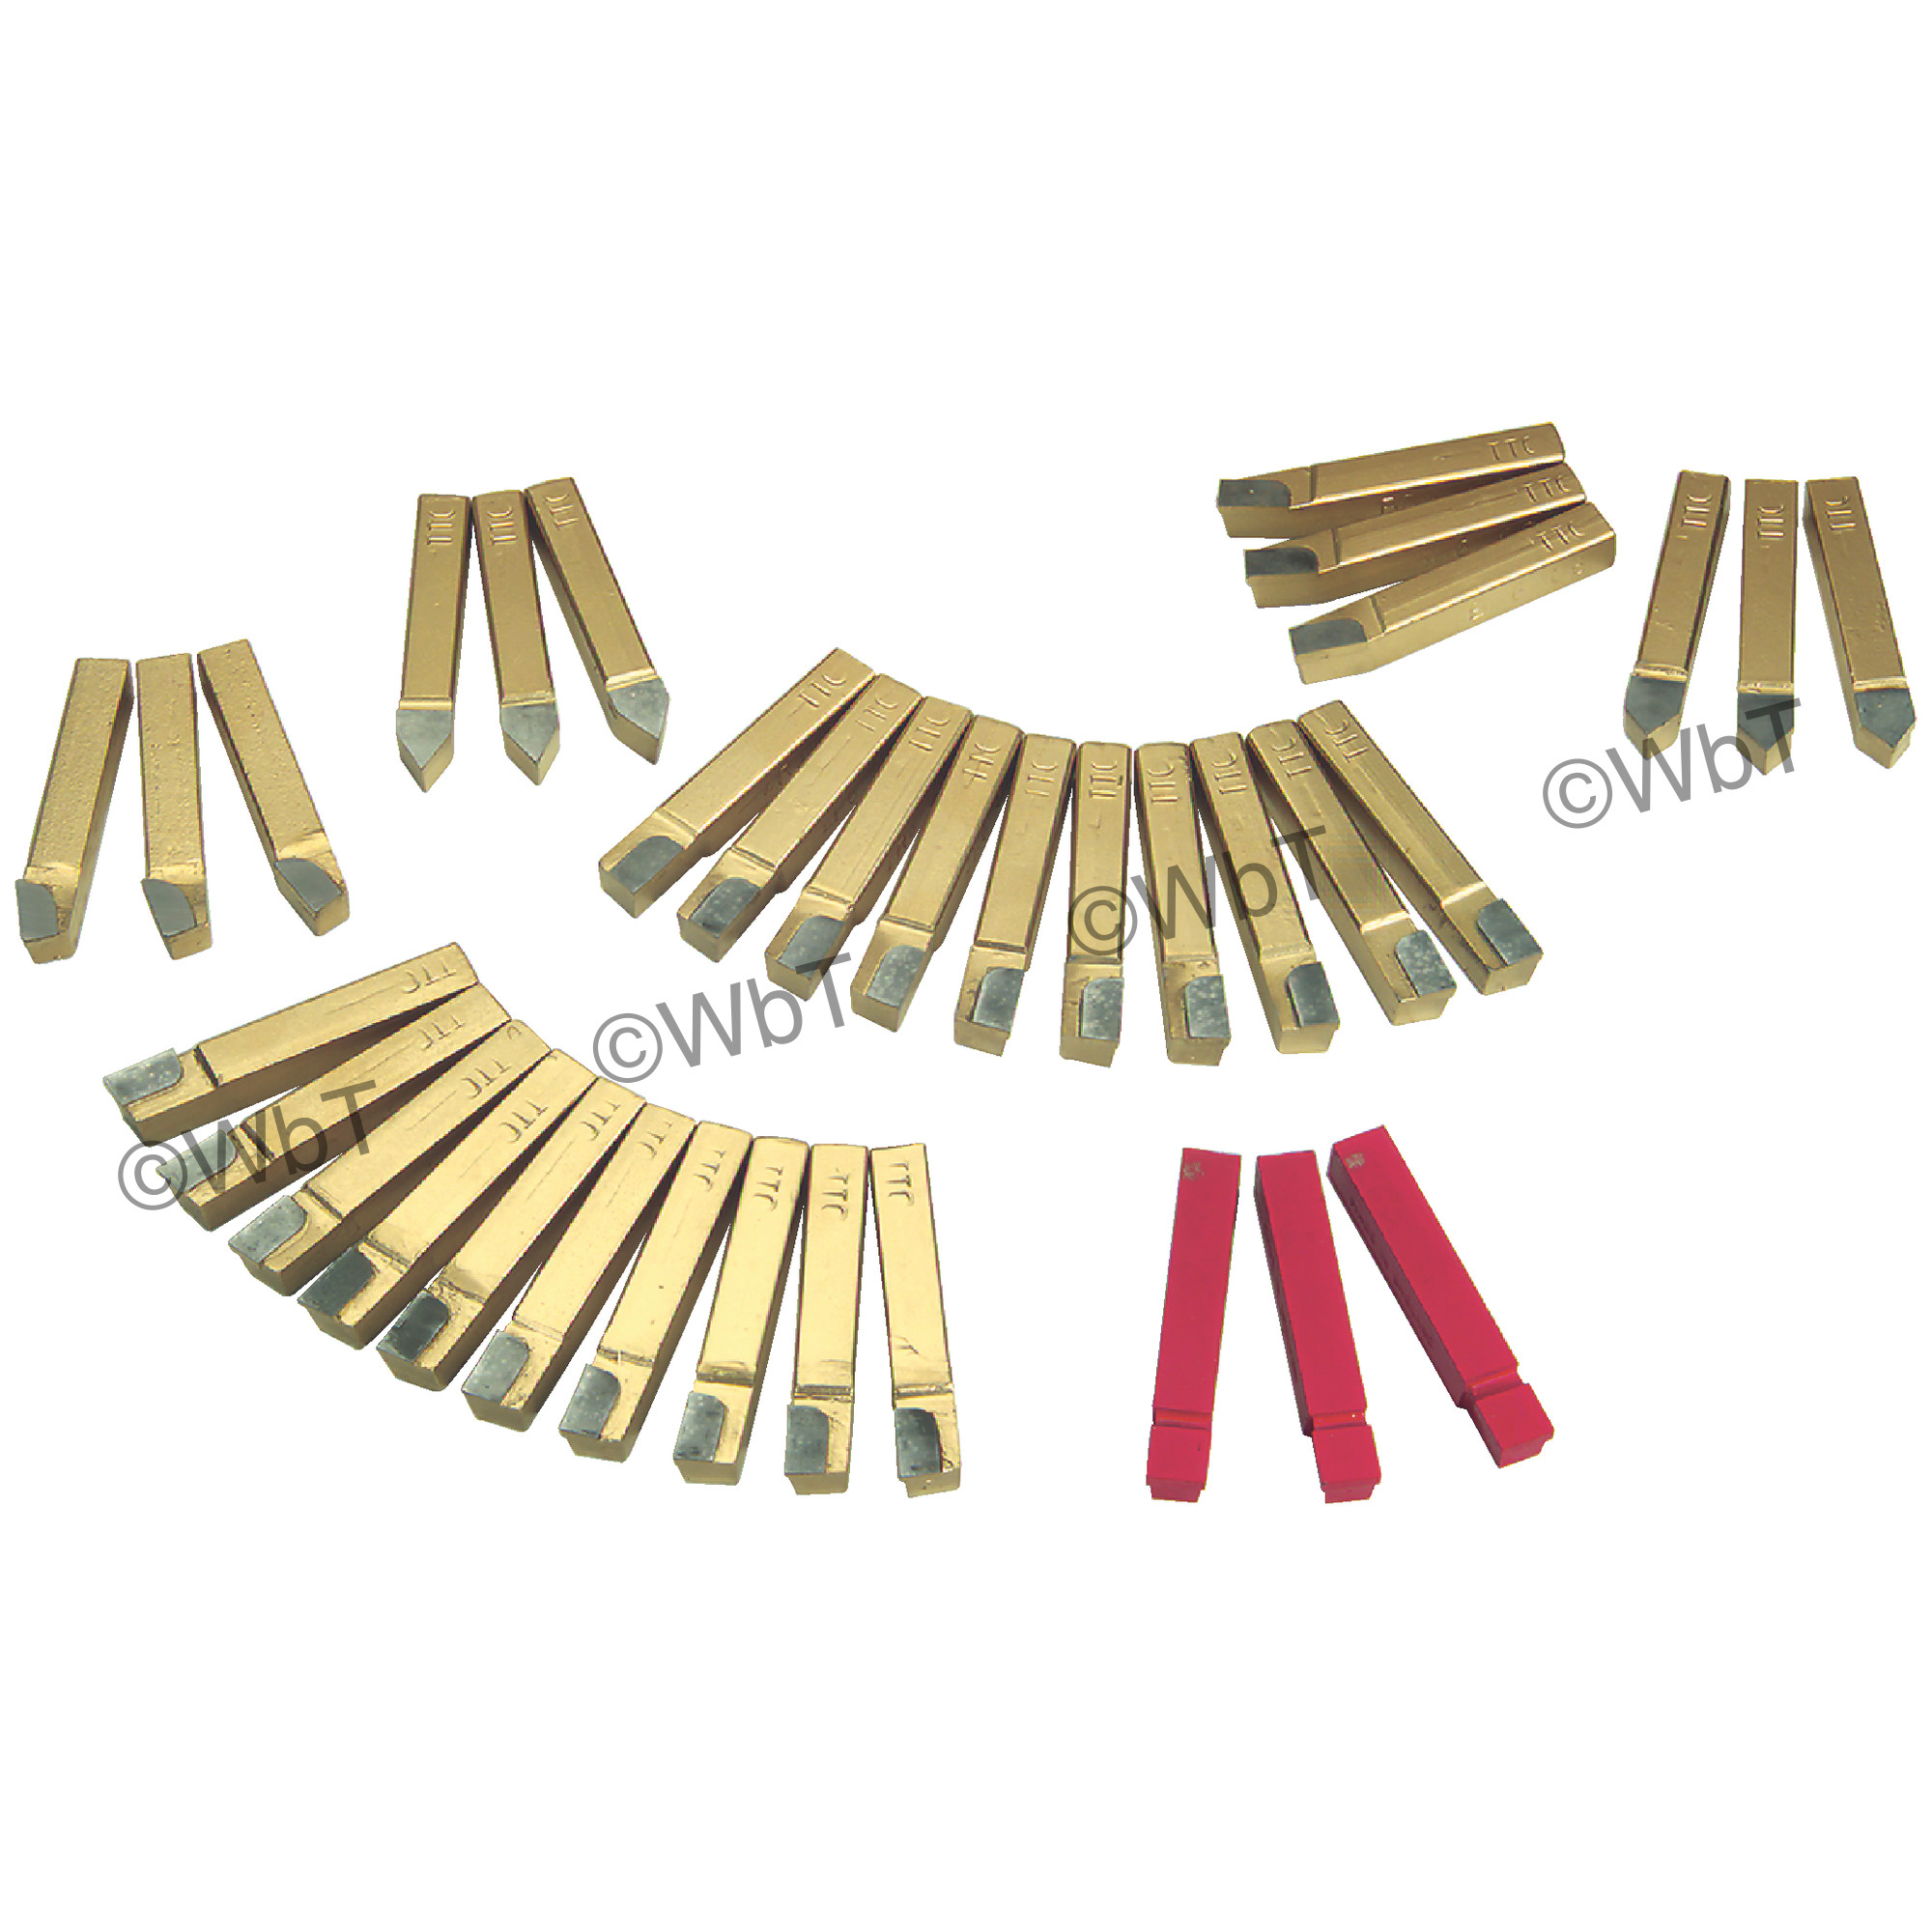 35 Piece Carbide Tipped Tool Bit Set